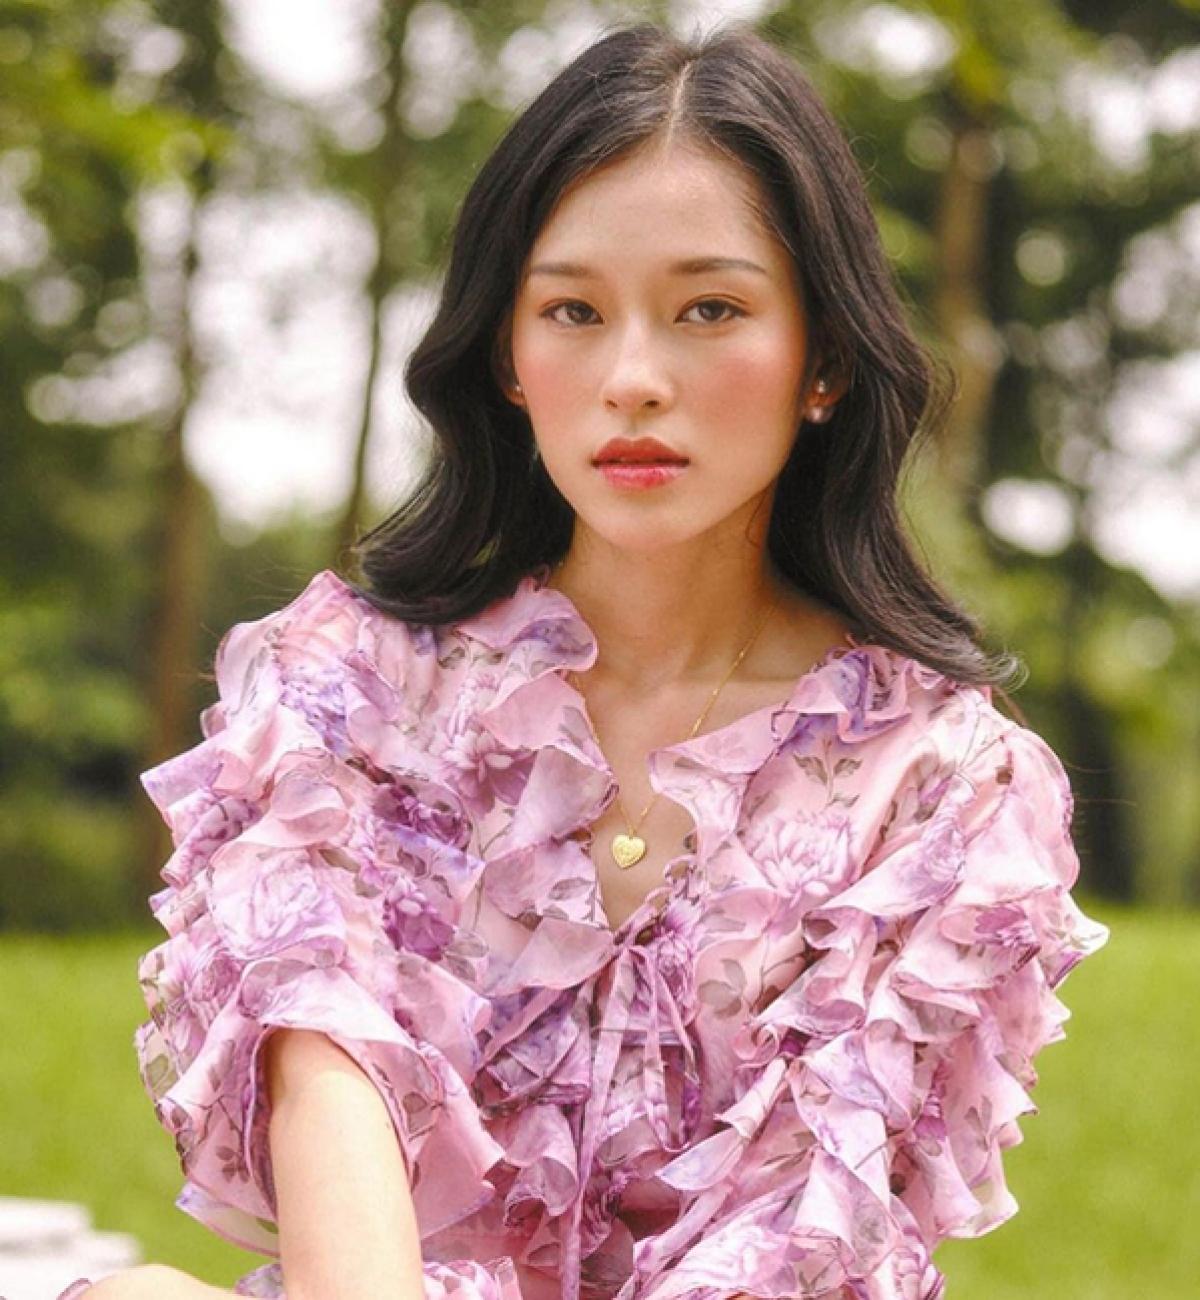 Minh Hà nhận được sự ủng hộ của đông đảo bạn bè khuyến khích theo đuổi môn nghệ thuật thứ bảy. Tuy nhiên cô nàng vẫn chưa có ý định lấn sân sang điện ảnh./.